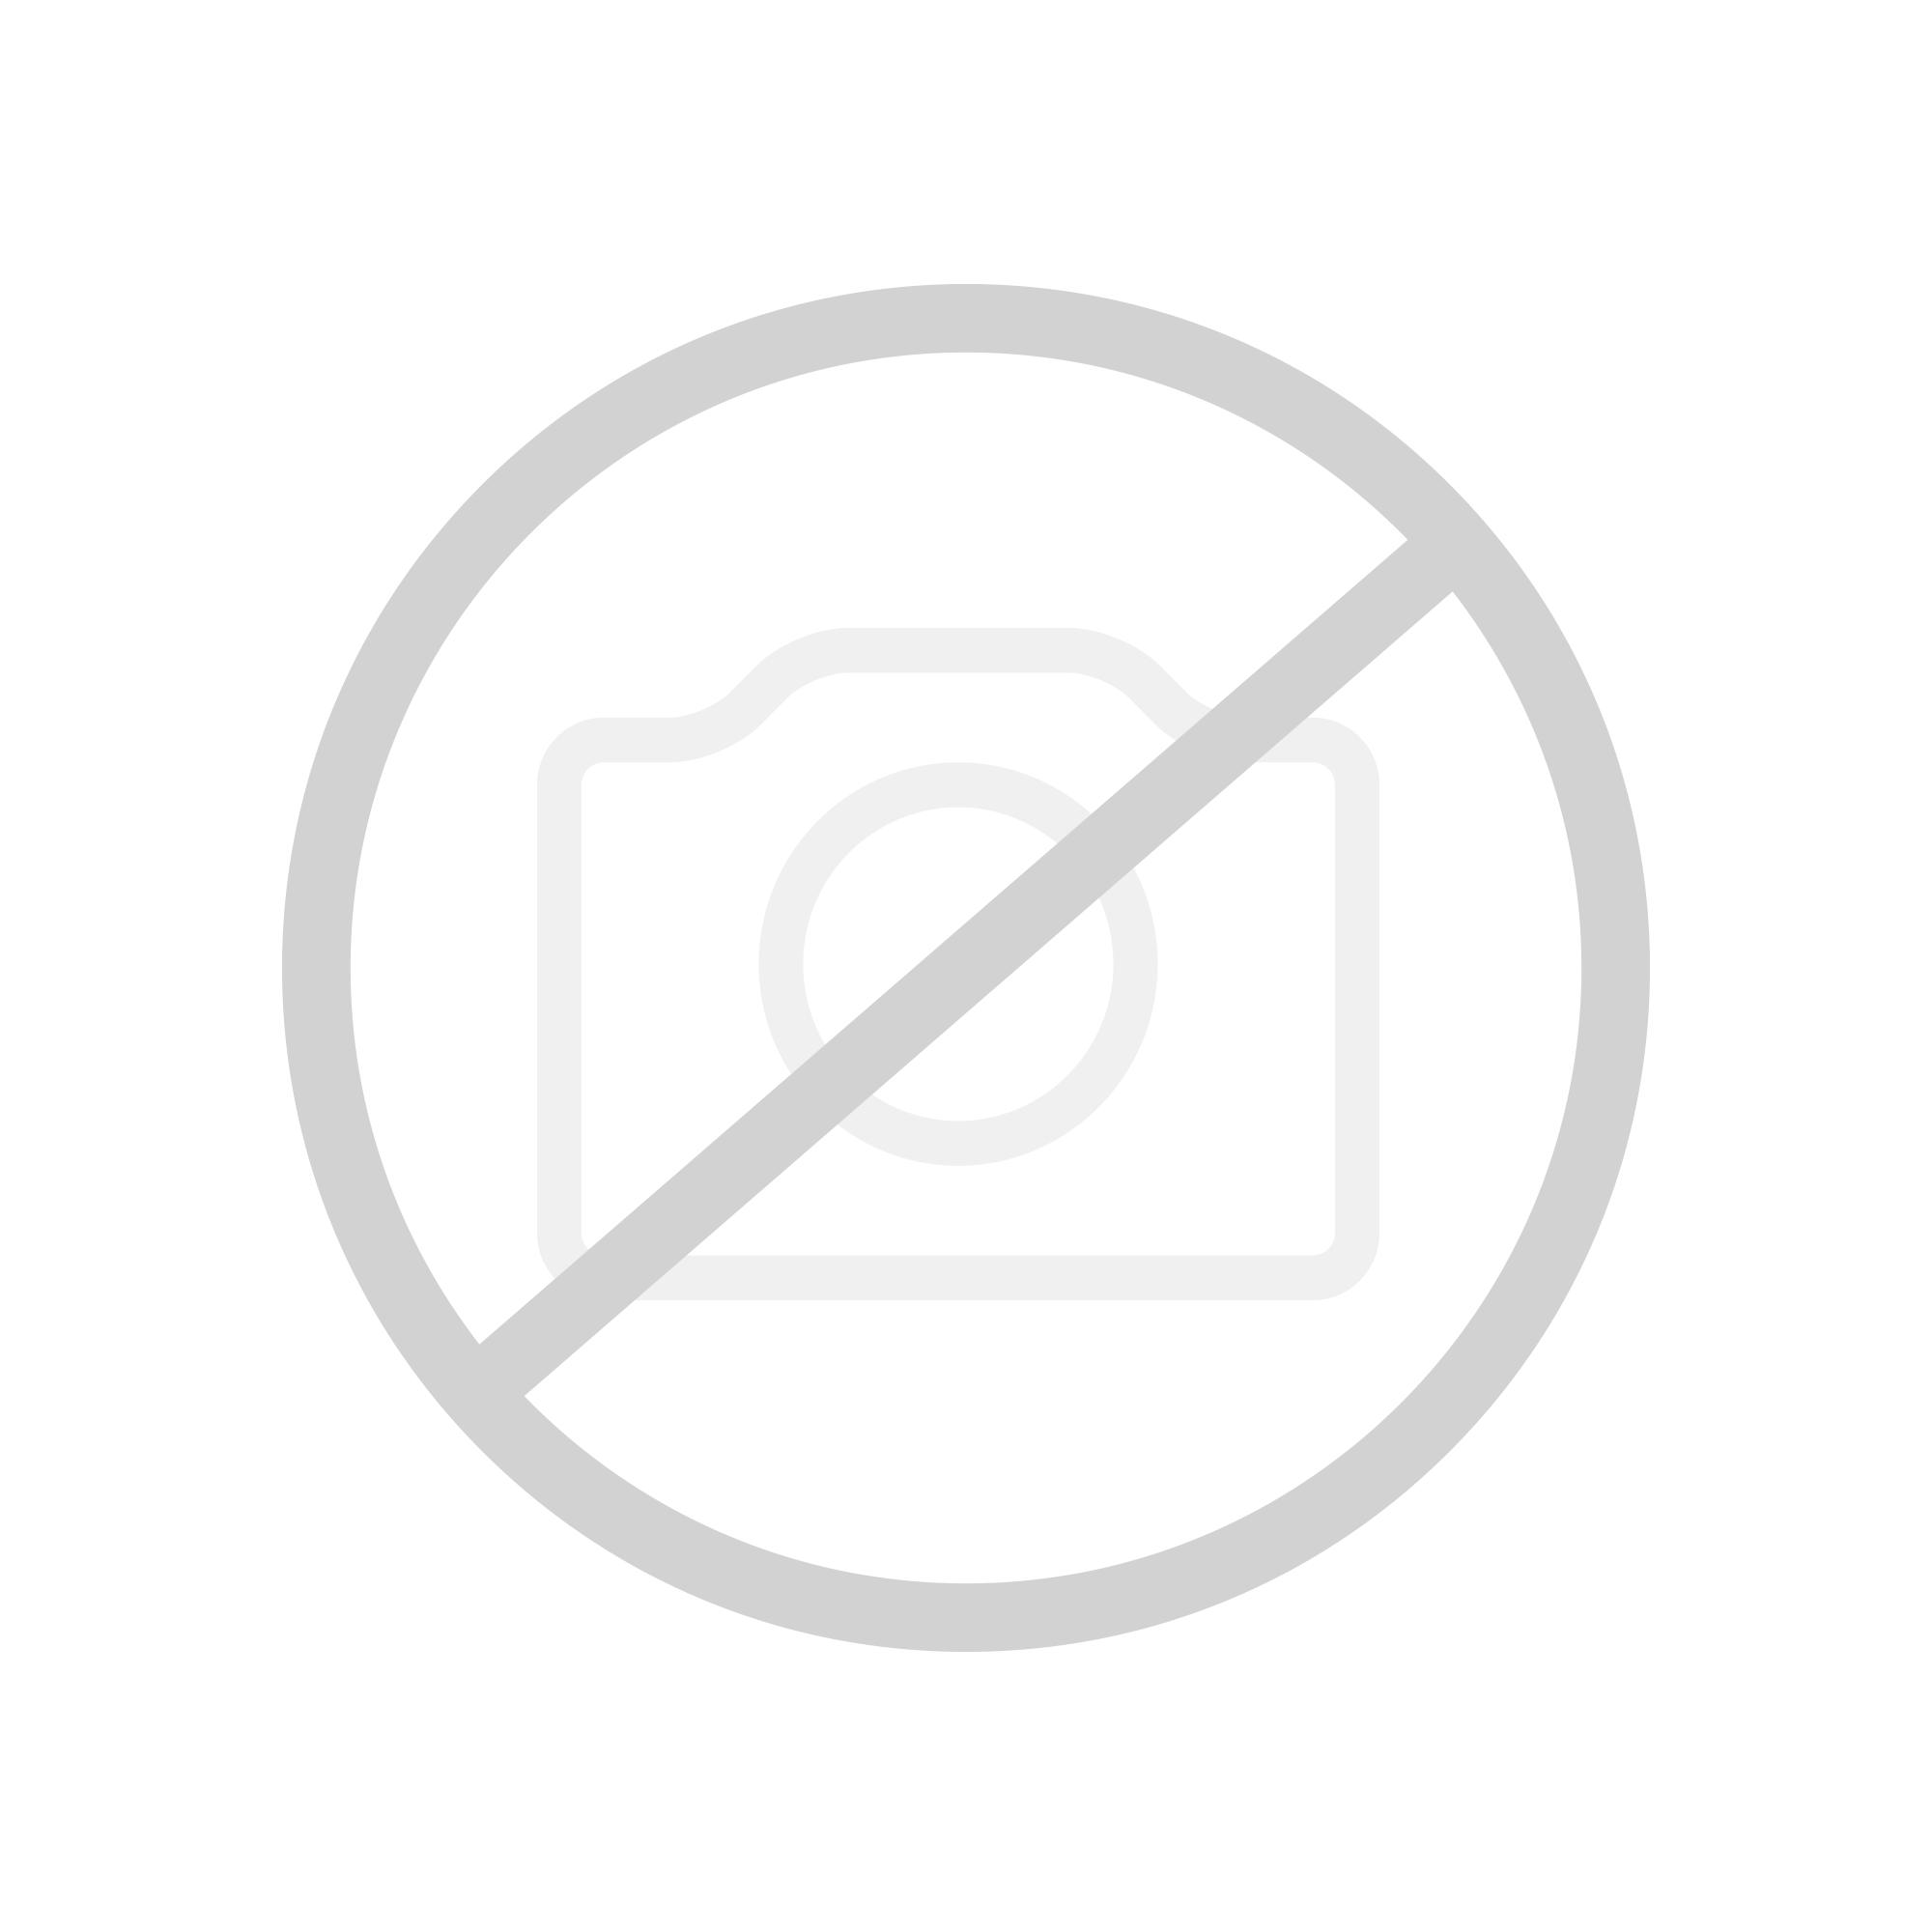 Hansgrohe Metris S Einhebel-Waschtischmischer, mit Schwenkauslauf mit Push-Open-Ablaufgarnitur